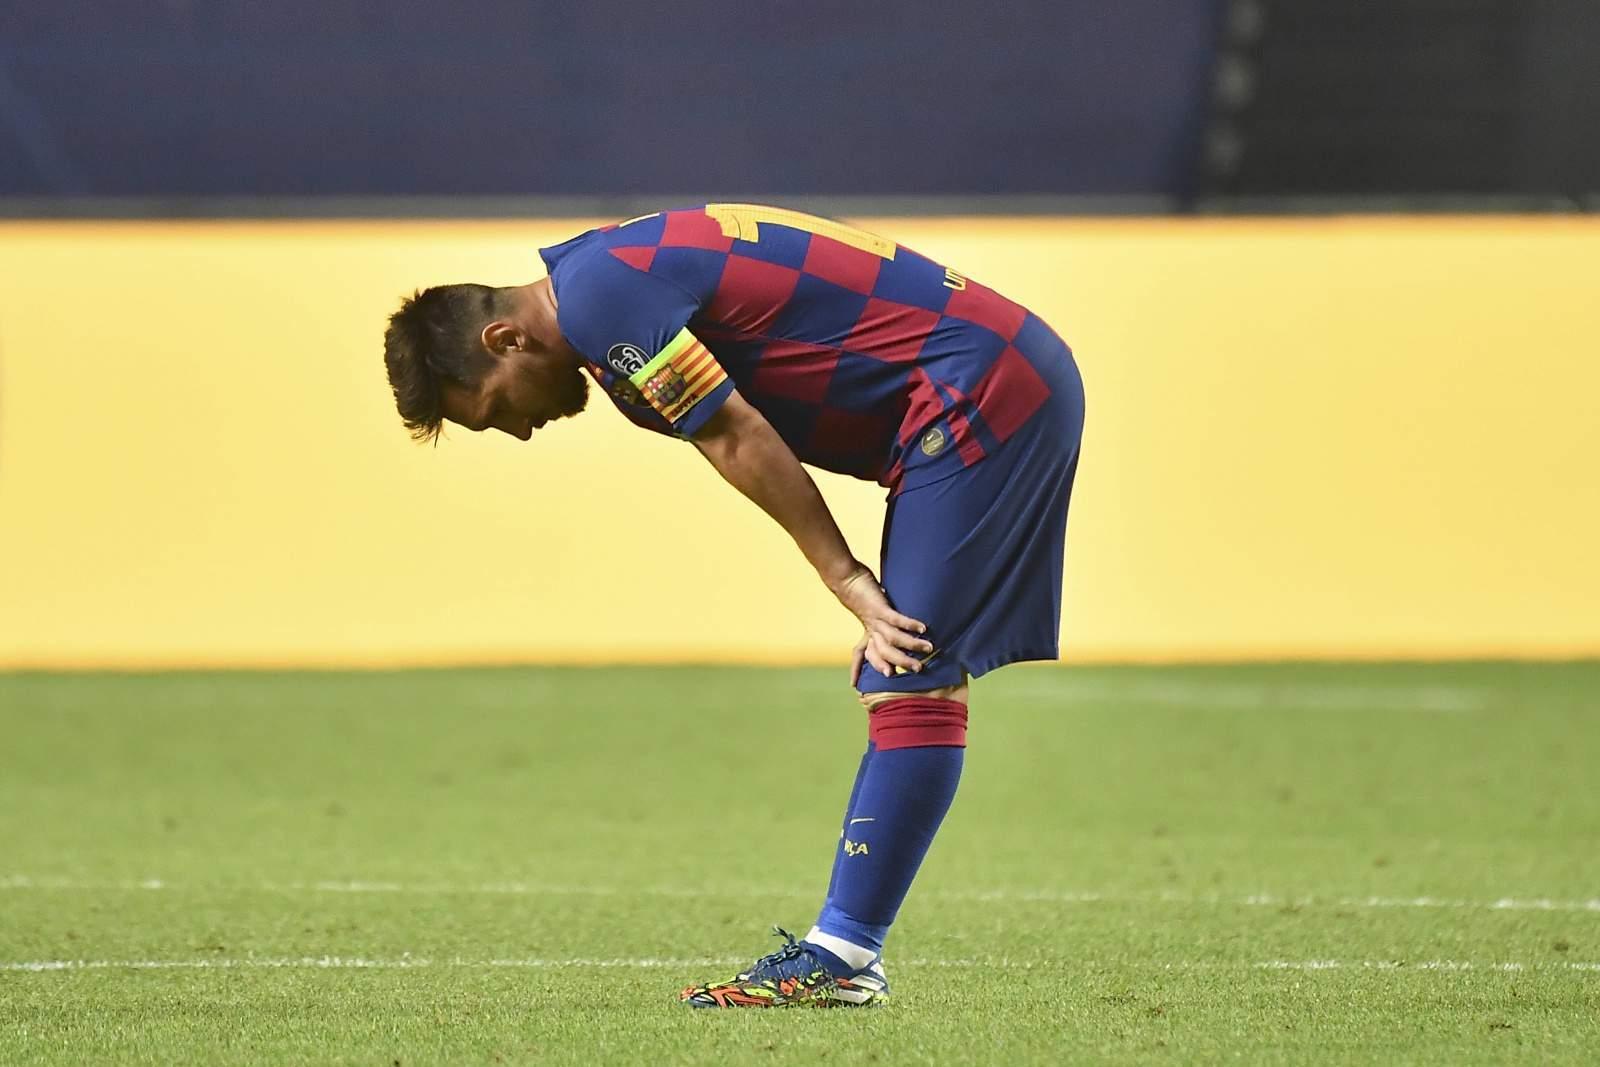 «Придурок, перестань меня пинать»: Месси сорвался во время товарищеского матча